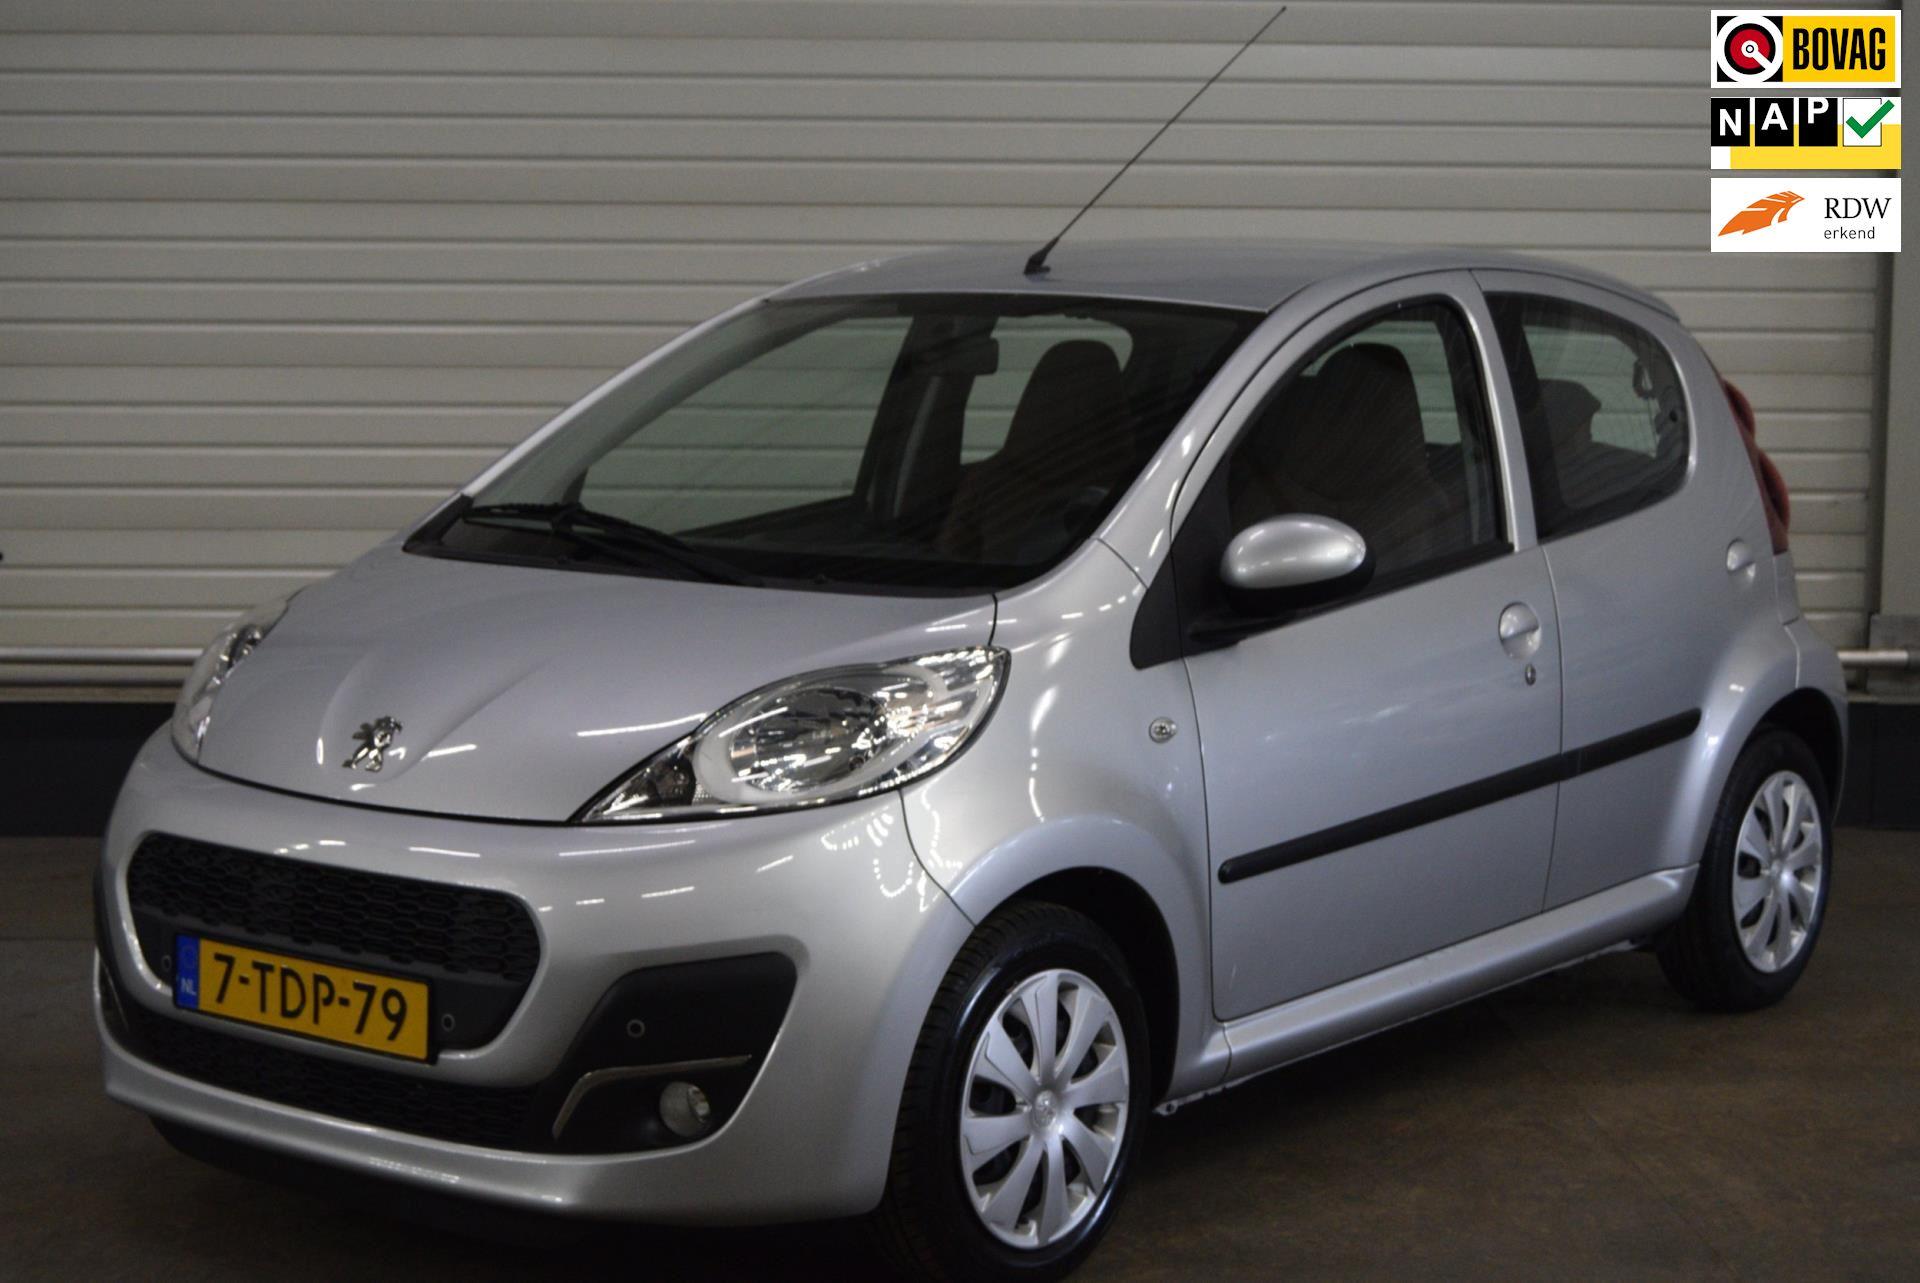 Peugeot 107 occasion - Autobedrijf van de Werken bv